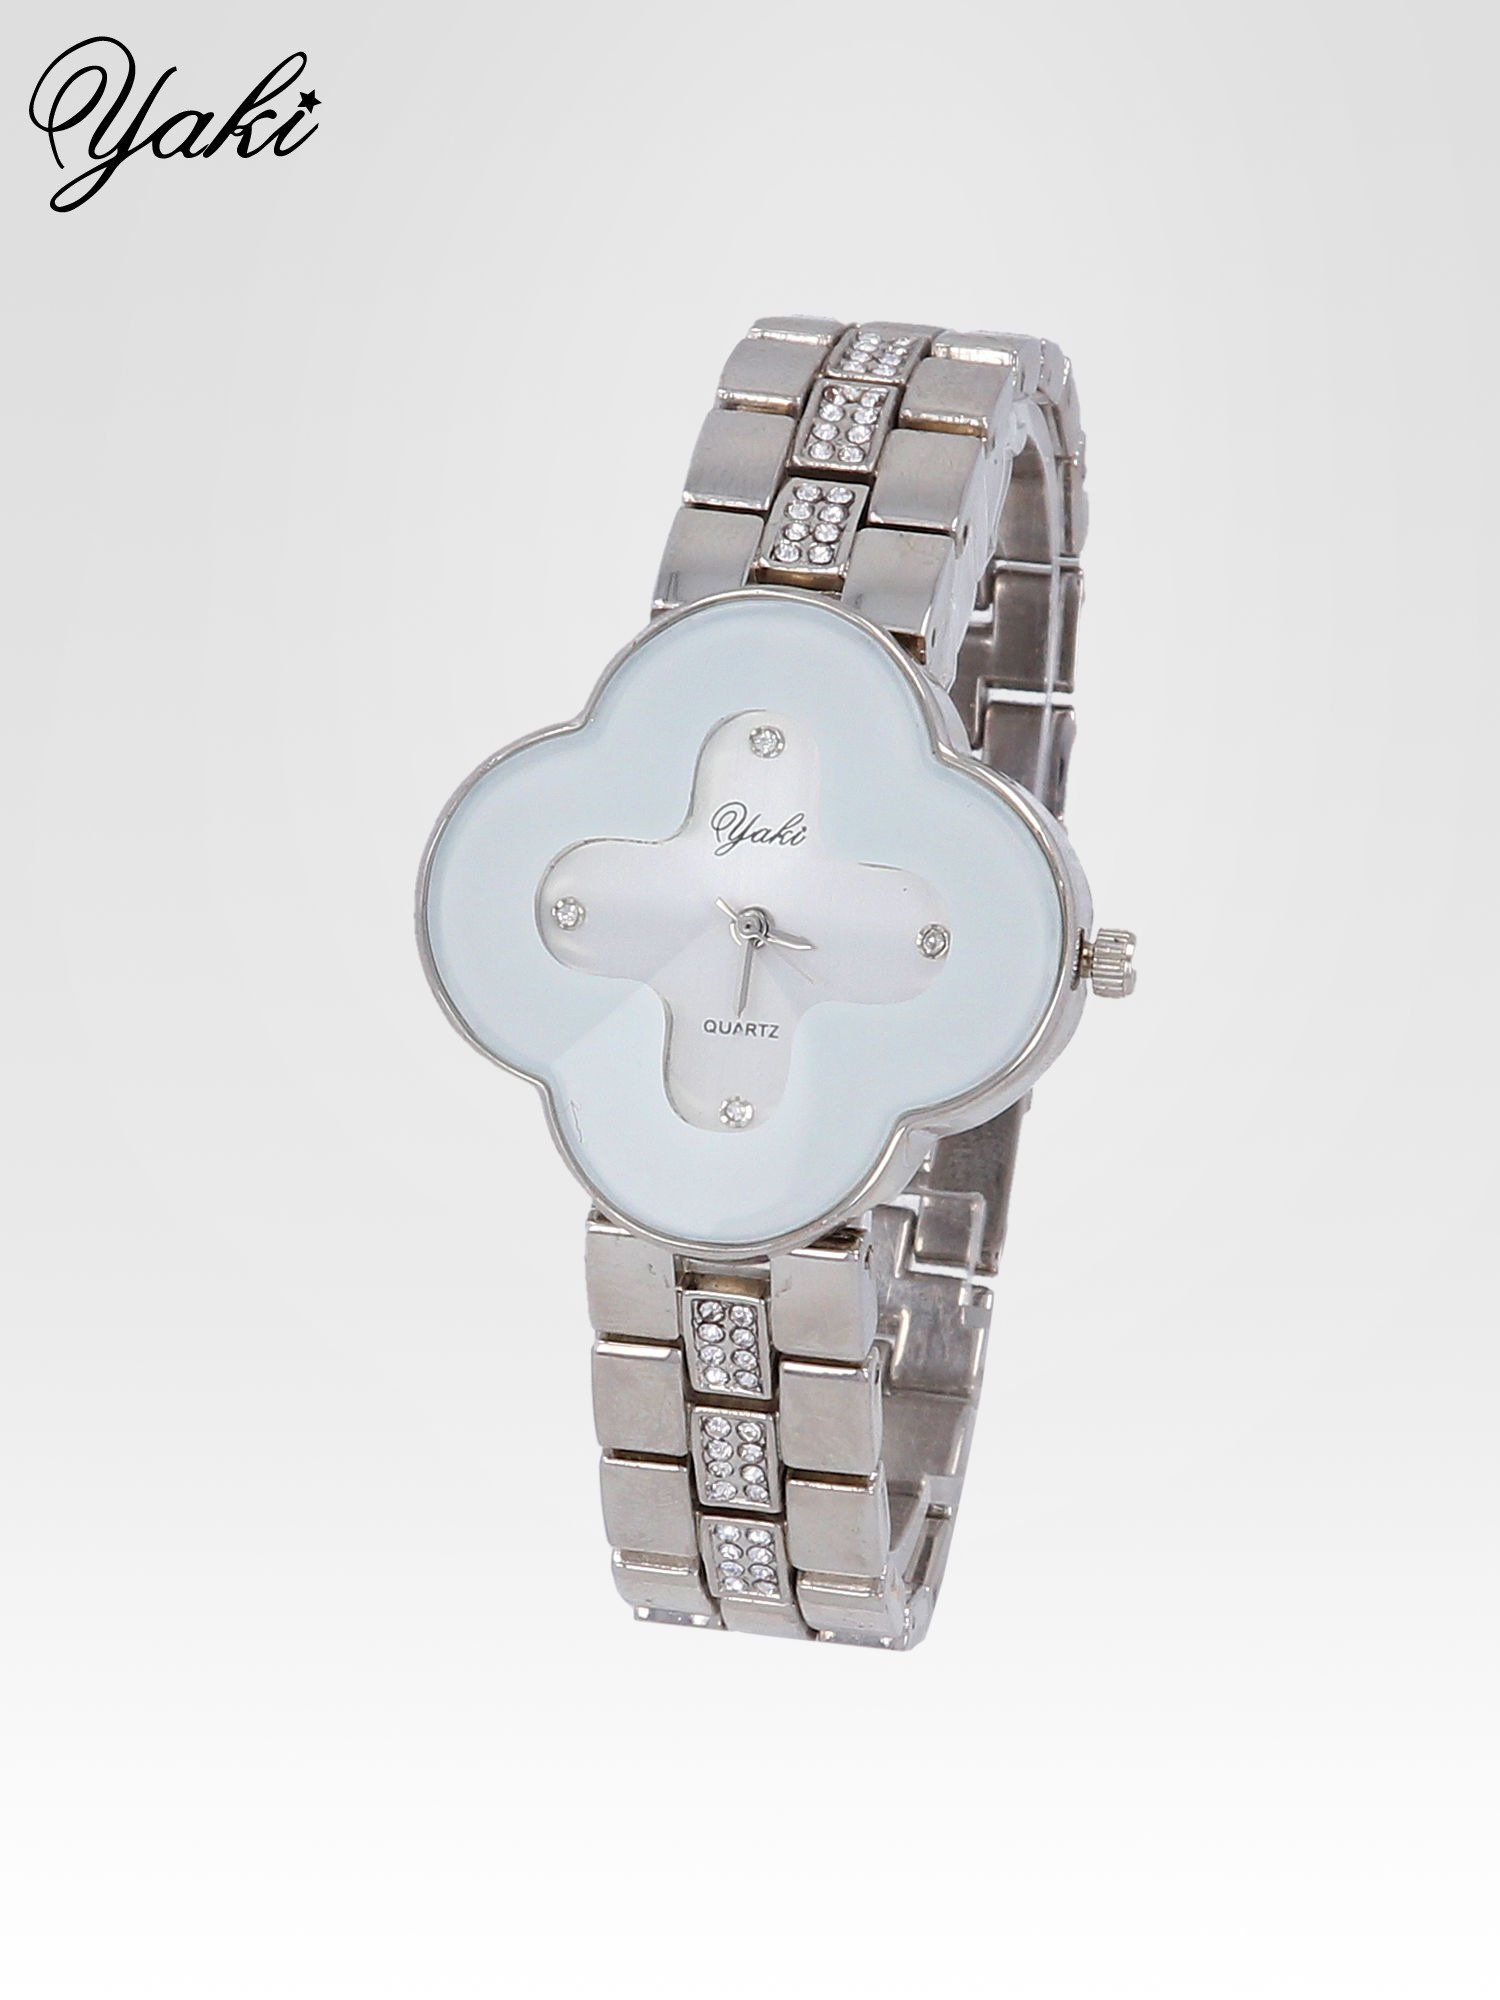 Srebrny zegarek damski na bransolecie z białą tarczą koniczyną                                  zdj.                                  2